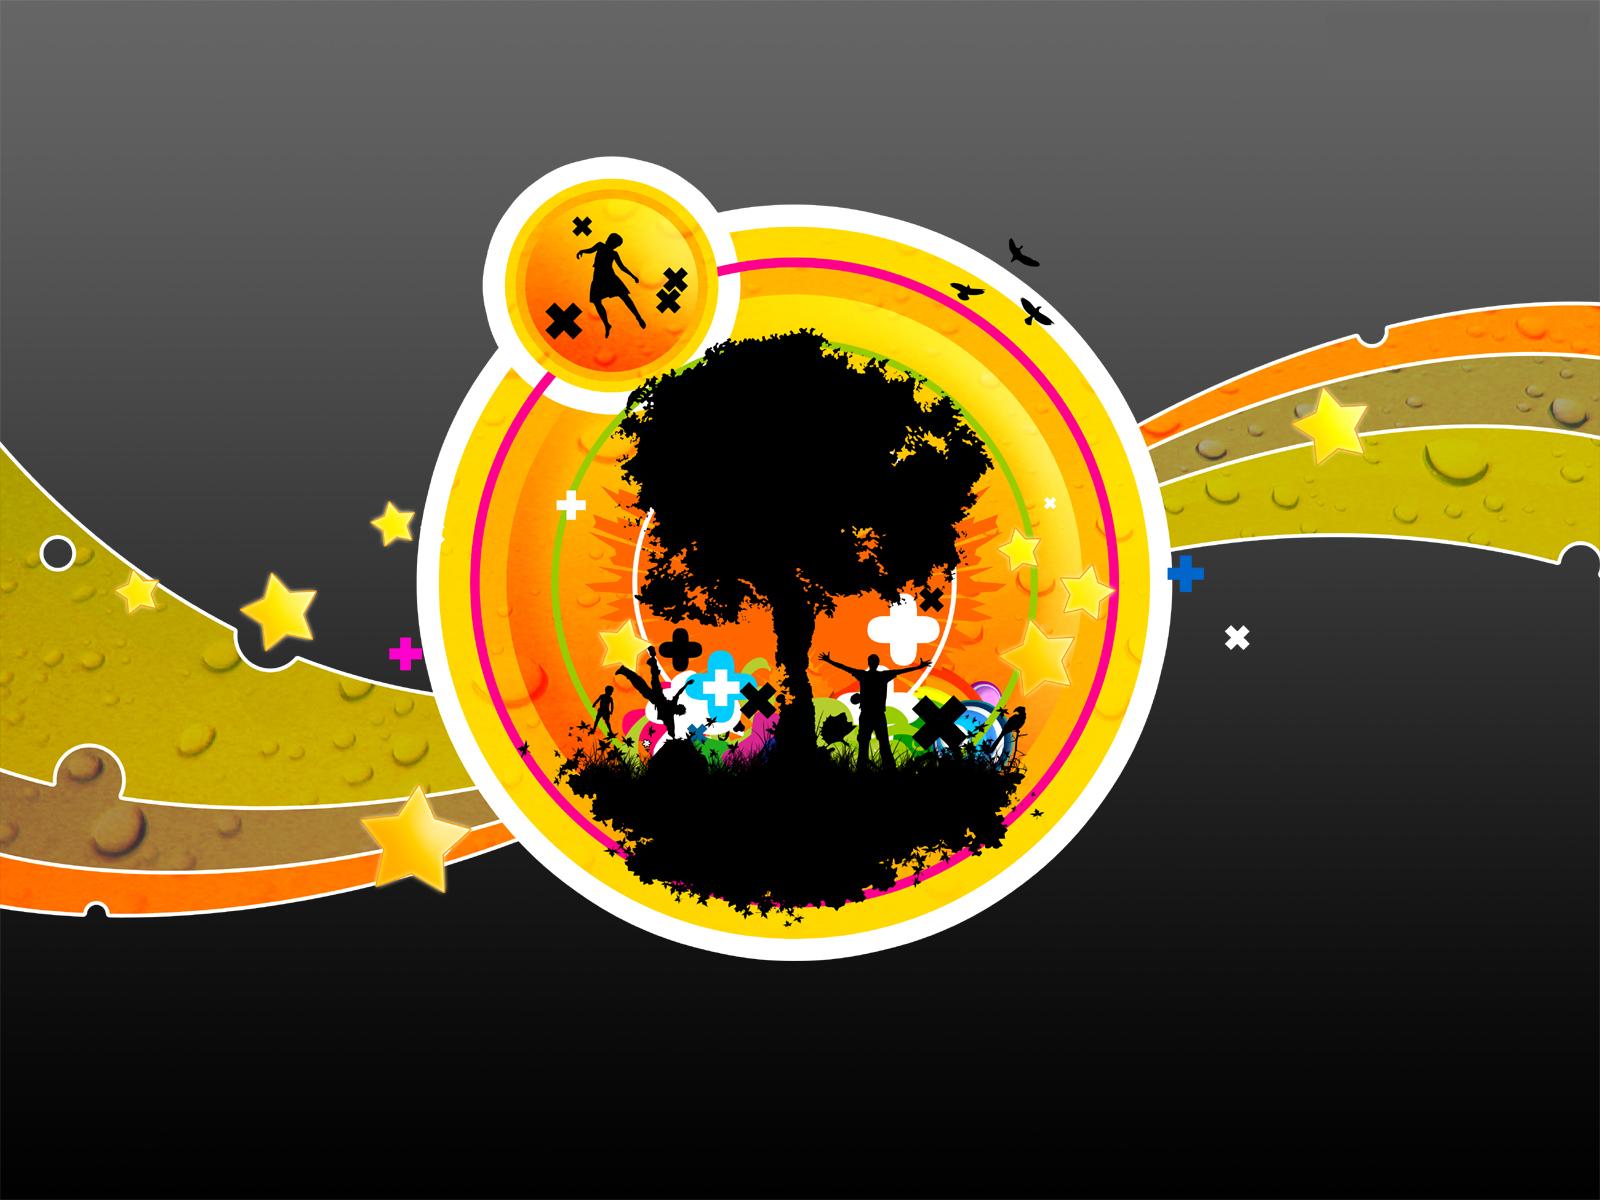 Art ID: 79403